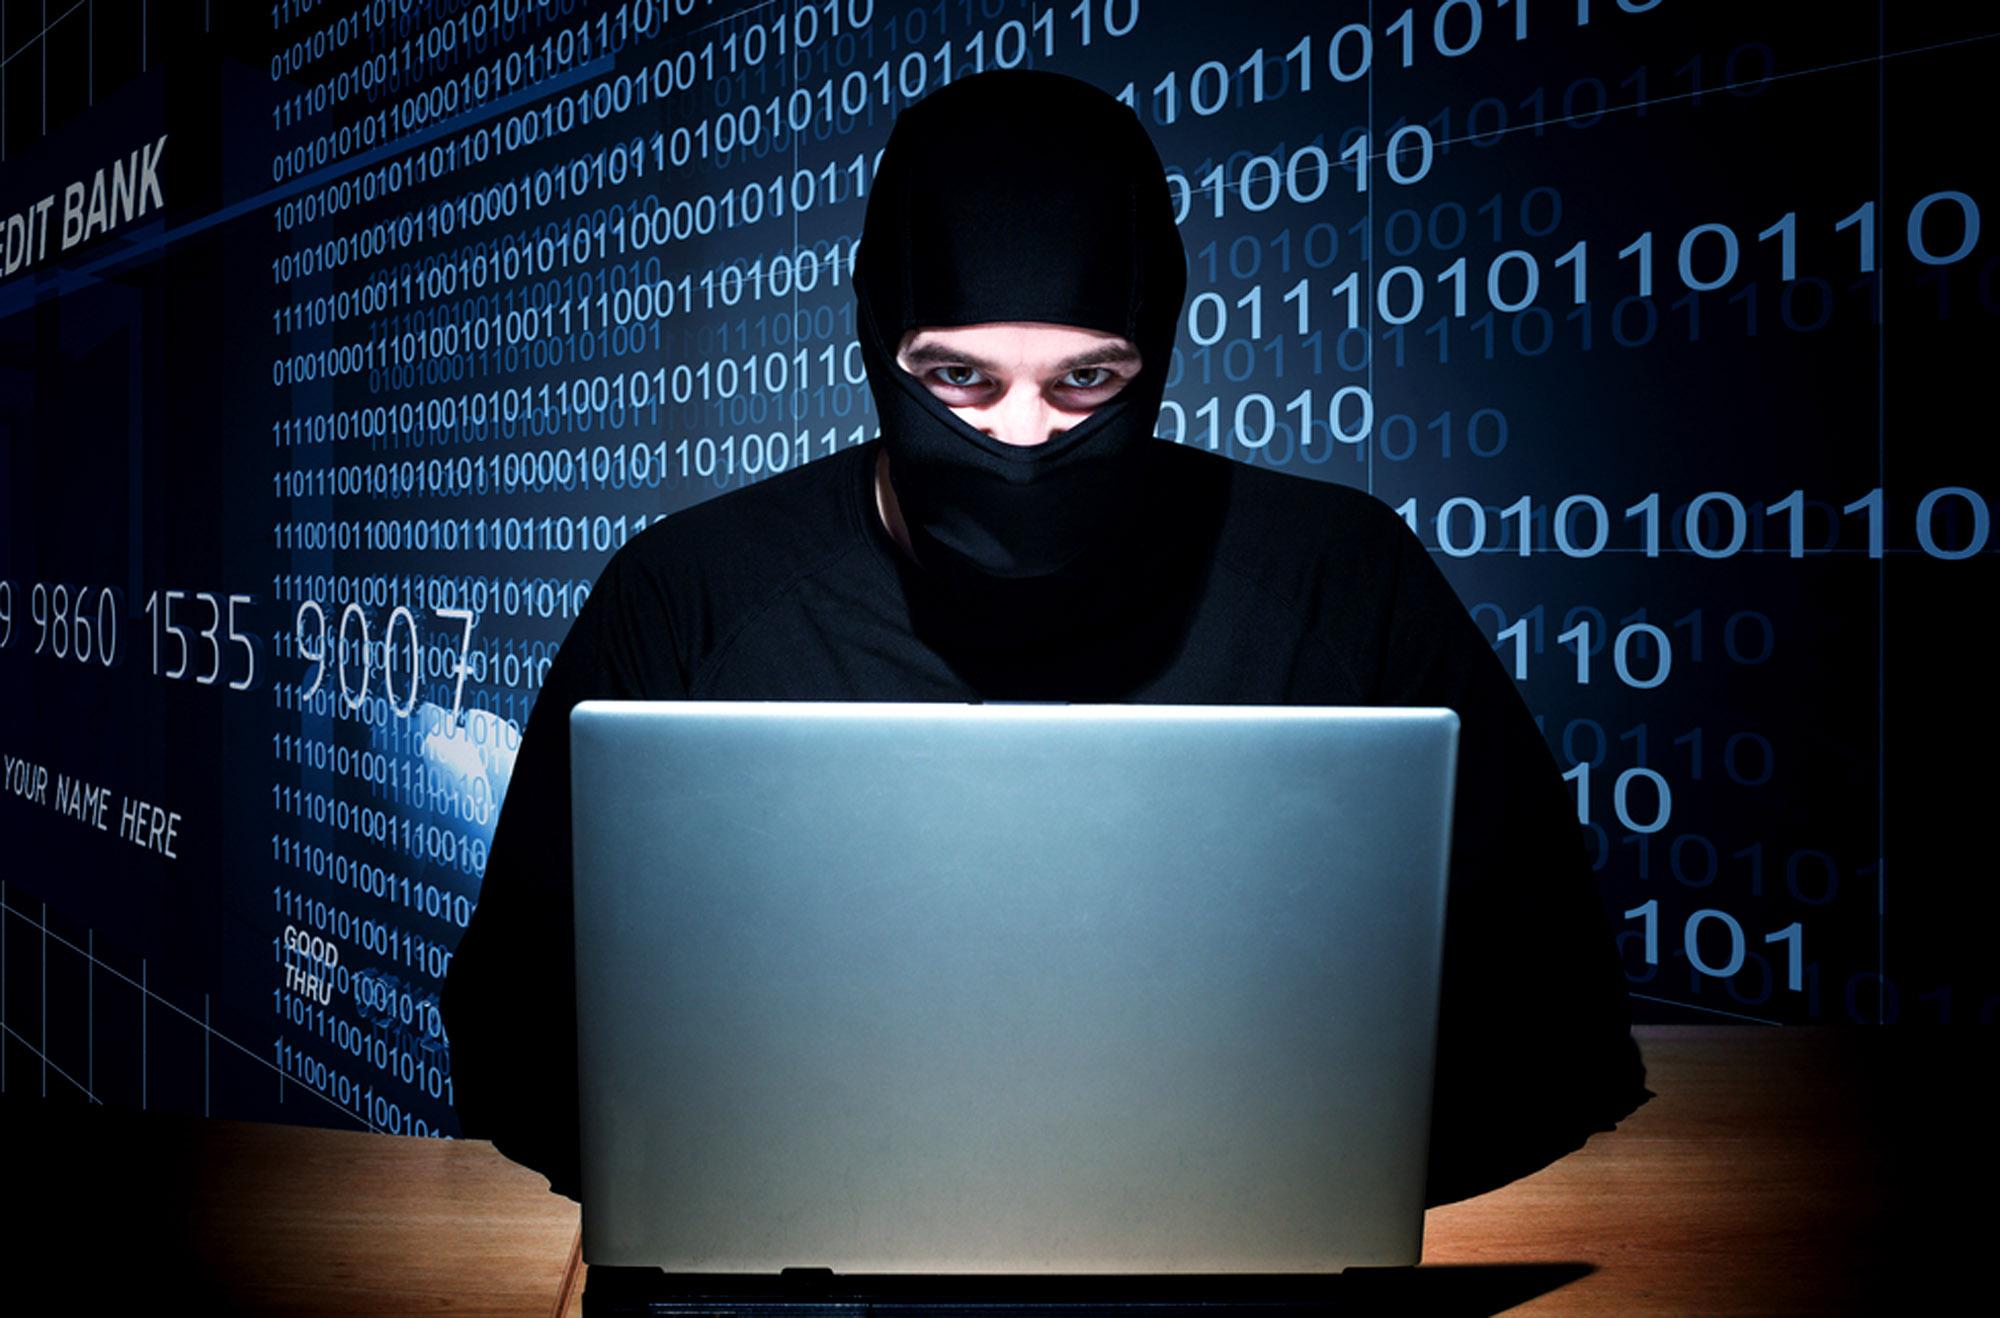 днр, мид, хакеры, взлом, террористы, донбасс, нато, ато, конфликты